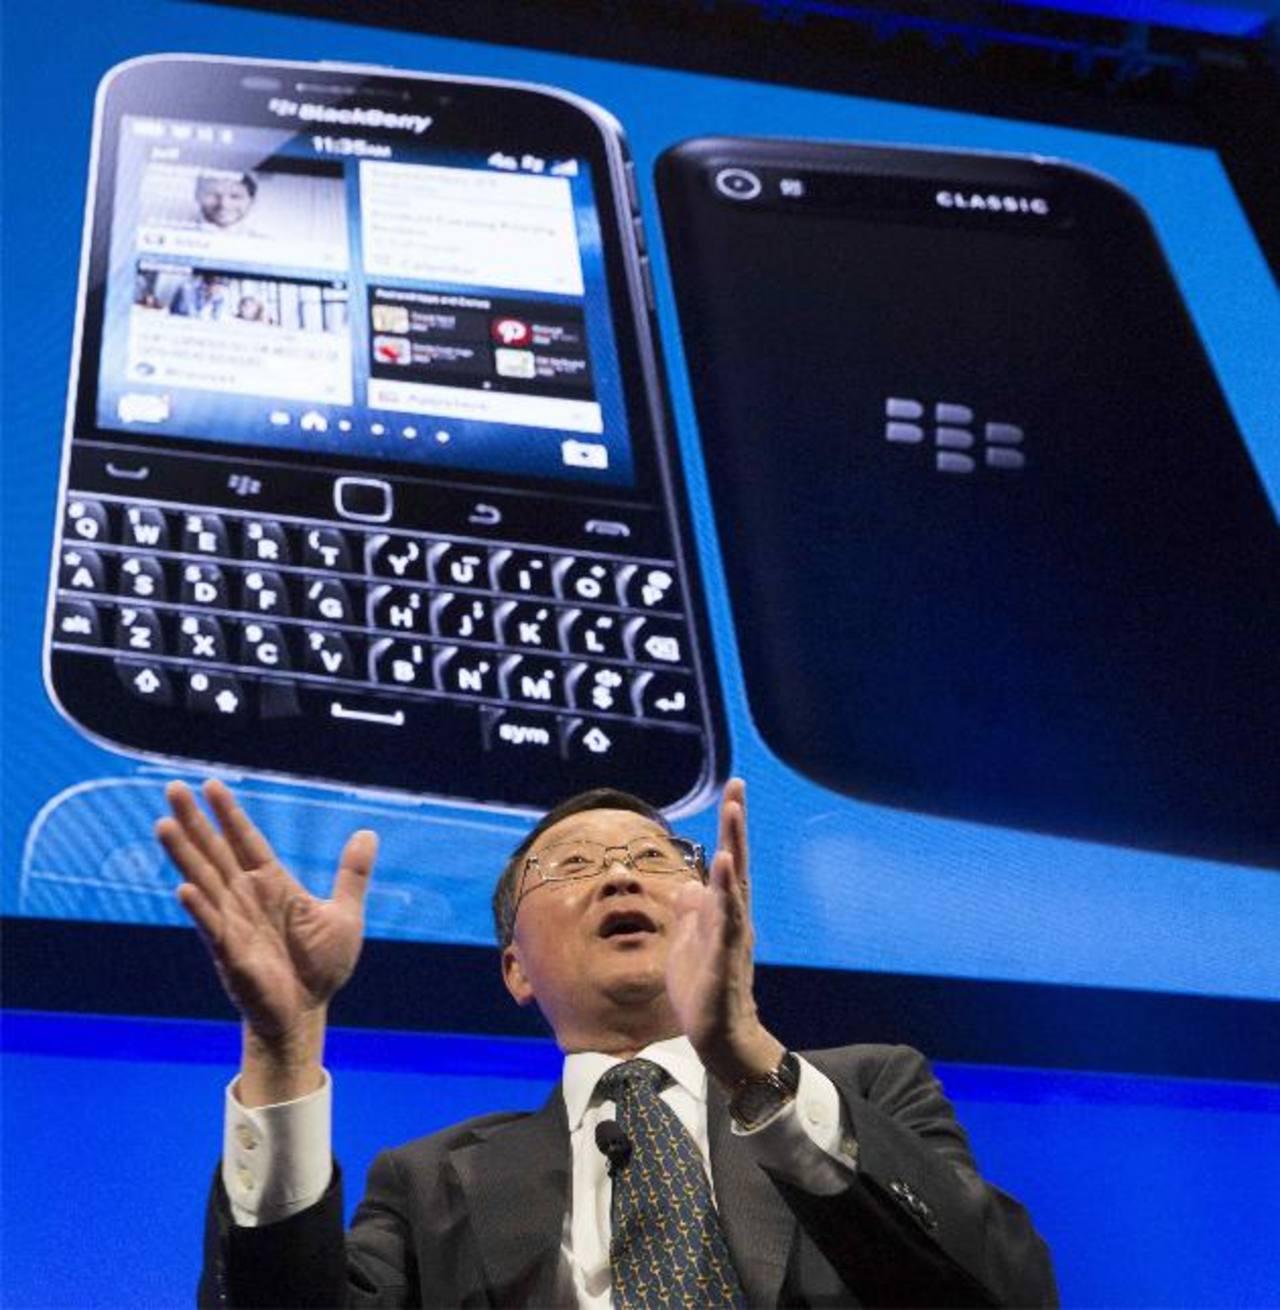 El presidente ejecutivo de Blackberry, John Chen, responde preguntas durante el lanzamiento, esta mañana, del nuevo modelo Classic.